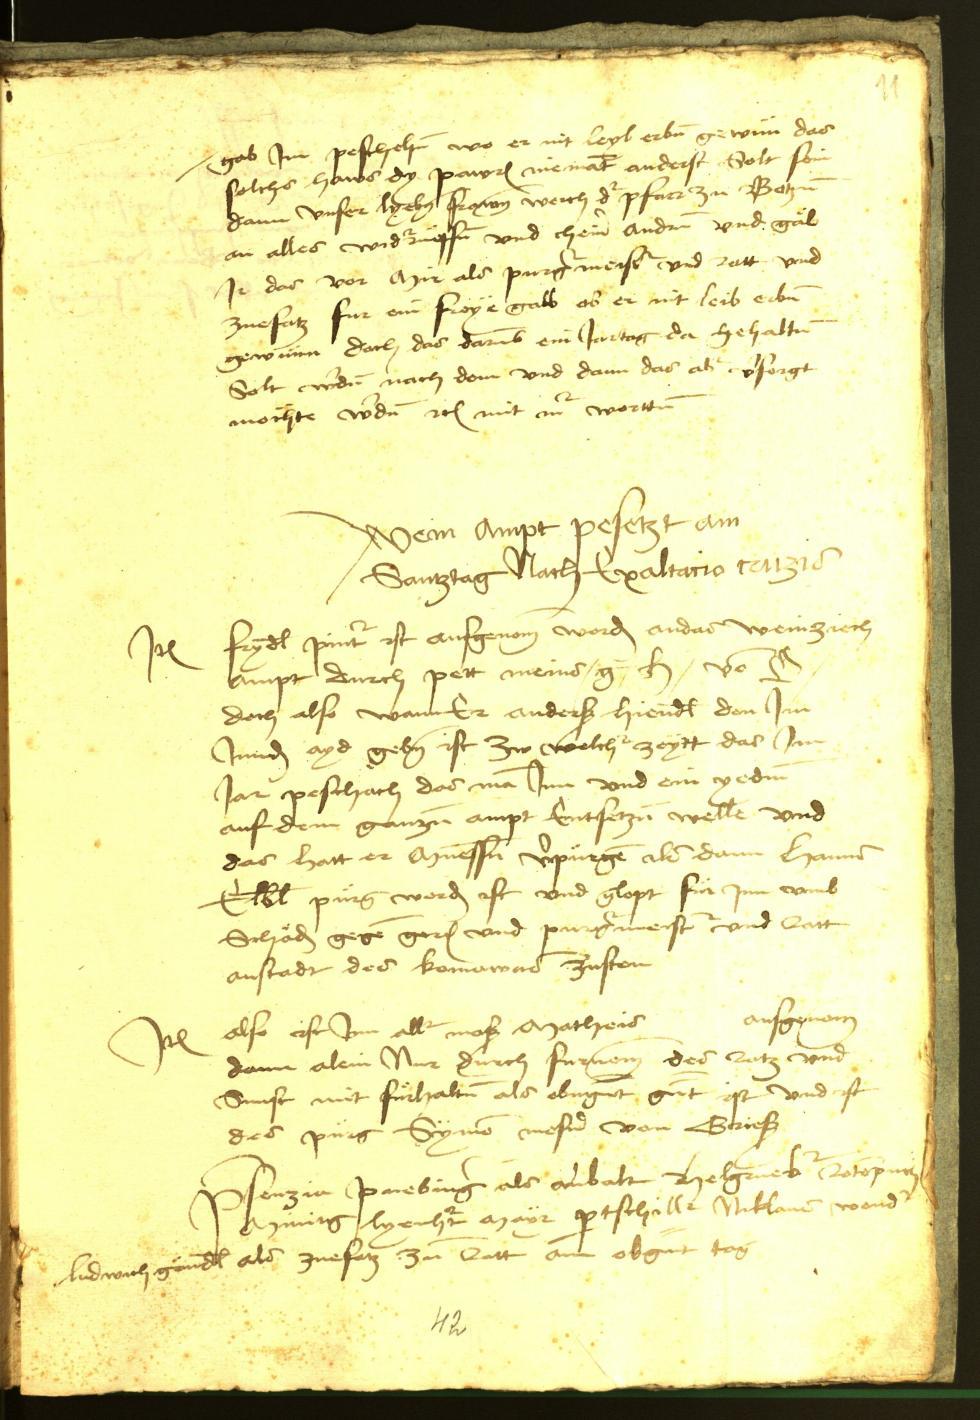 Stadtarchiv Bozen - BOhisto Ratsprotokoll 1474